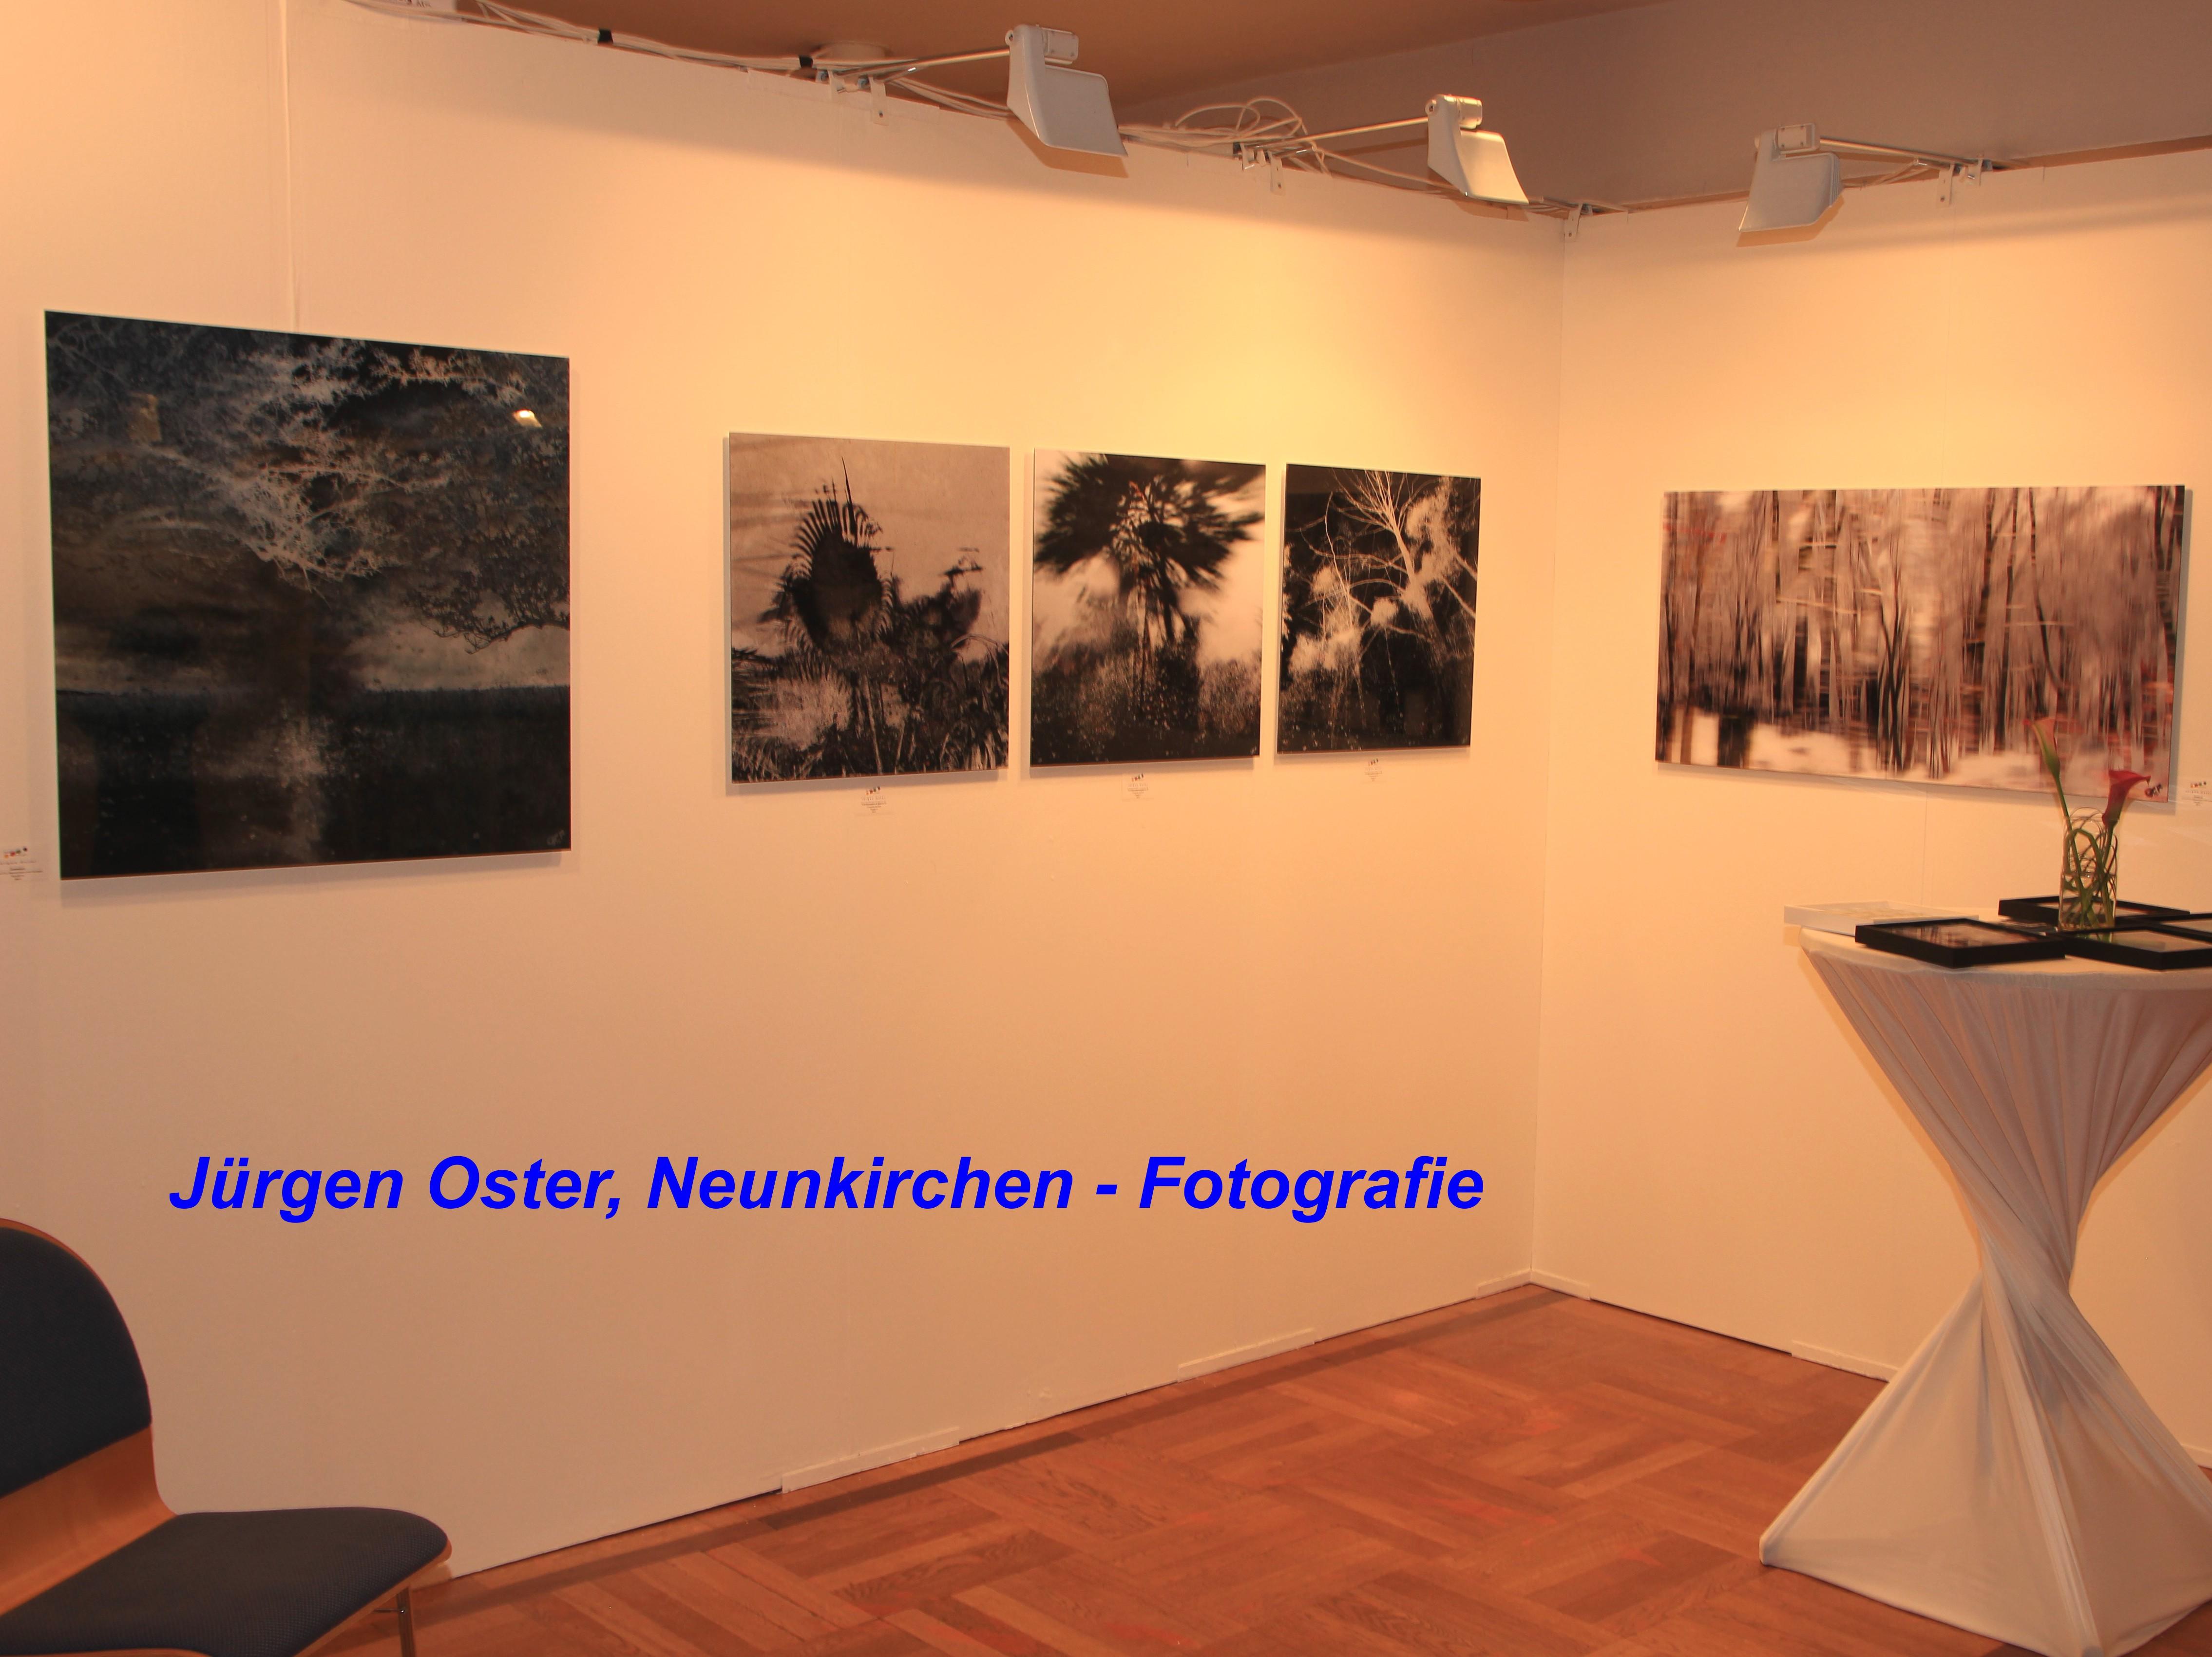 Jürgen Oster, Neunkirchen - Fotografie